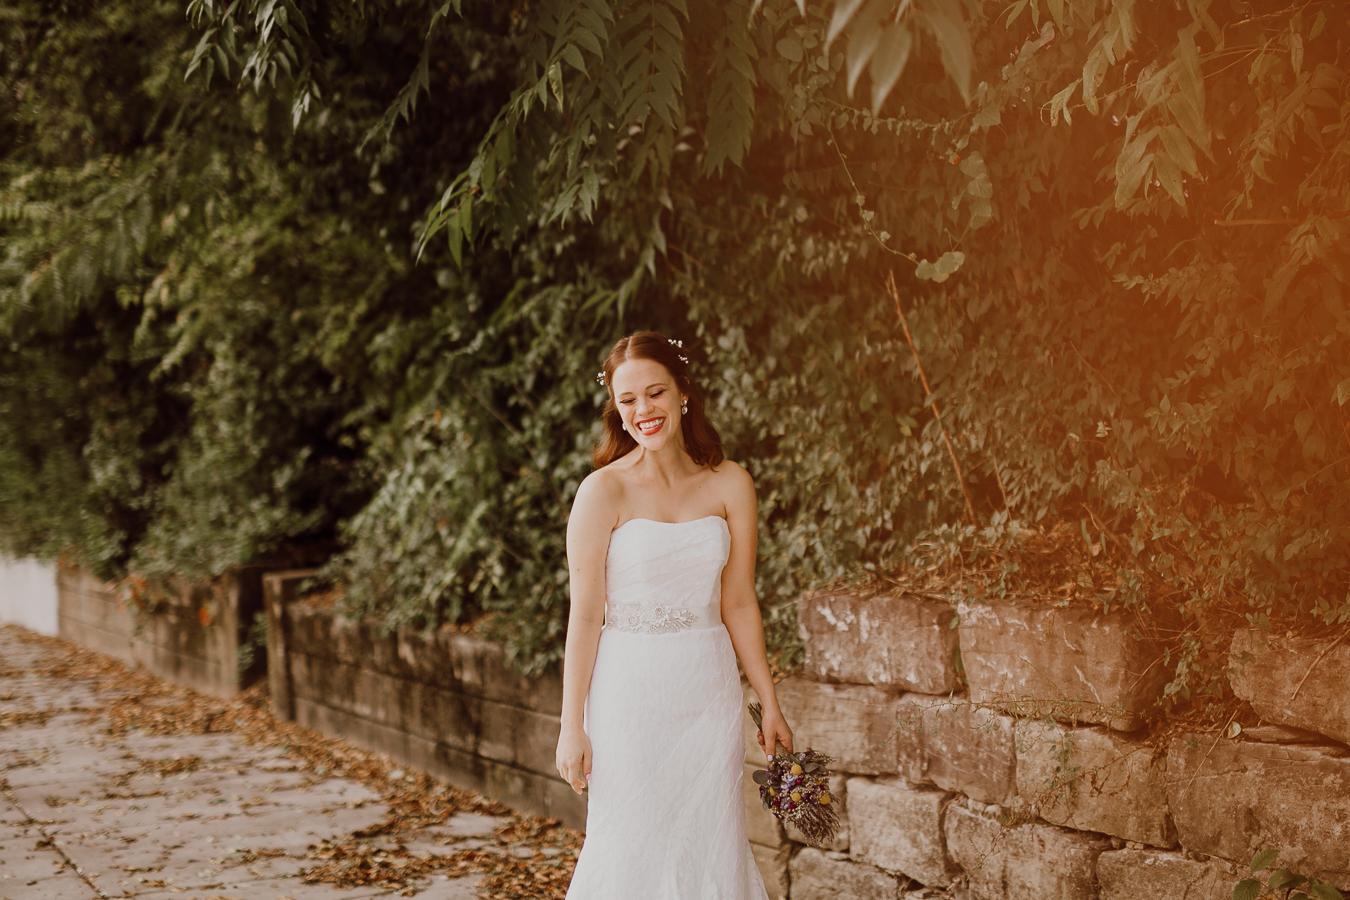 Nashville Wedding Photograpger - Photography Anthology-29.jpg